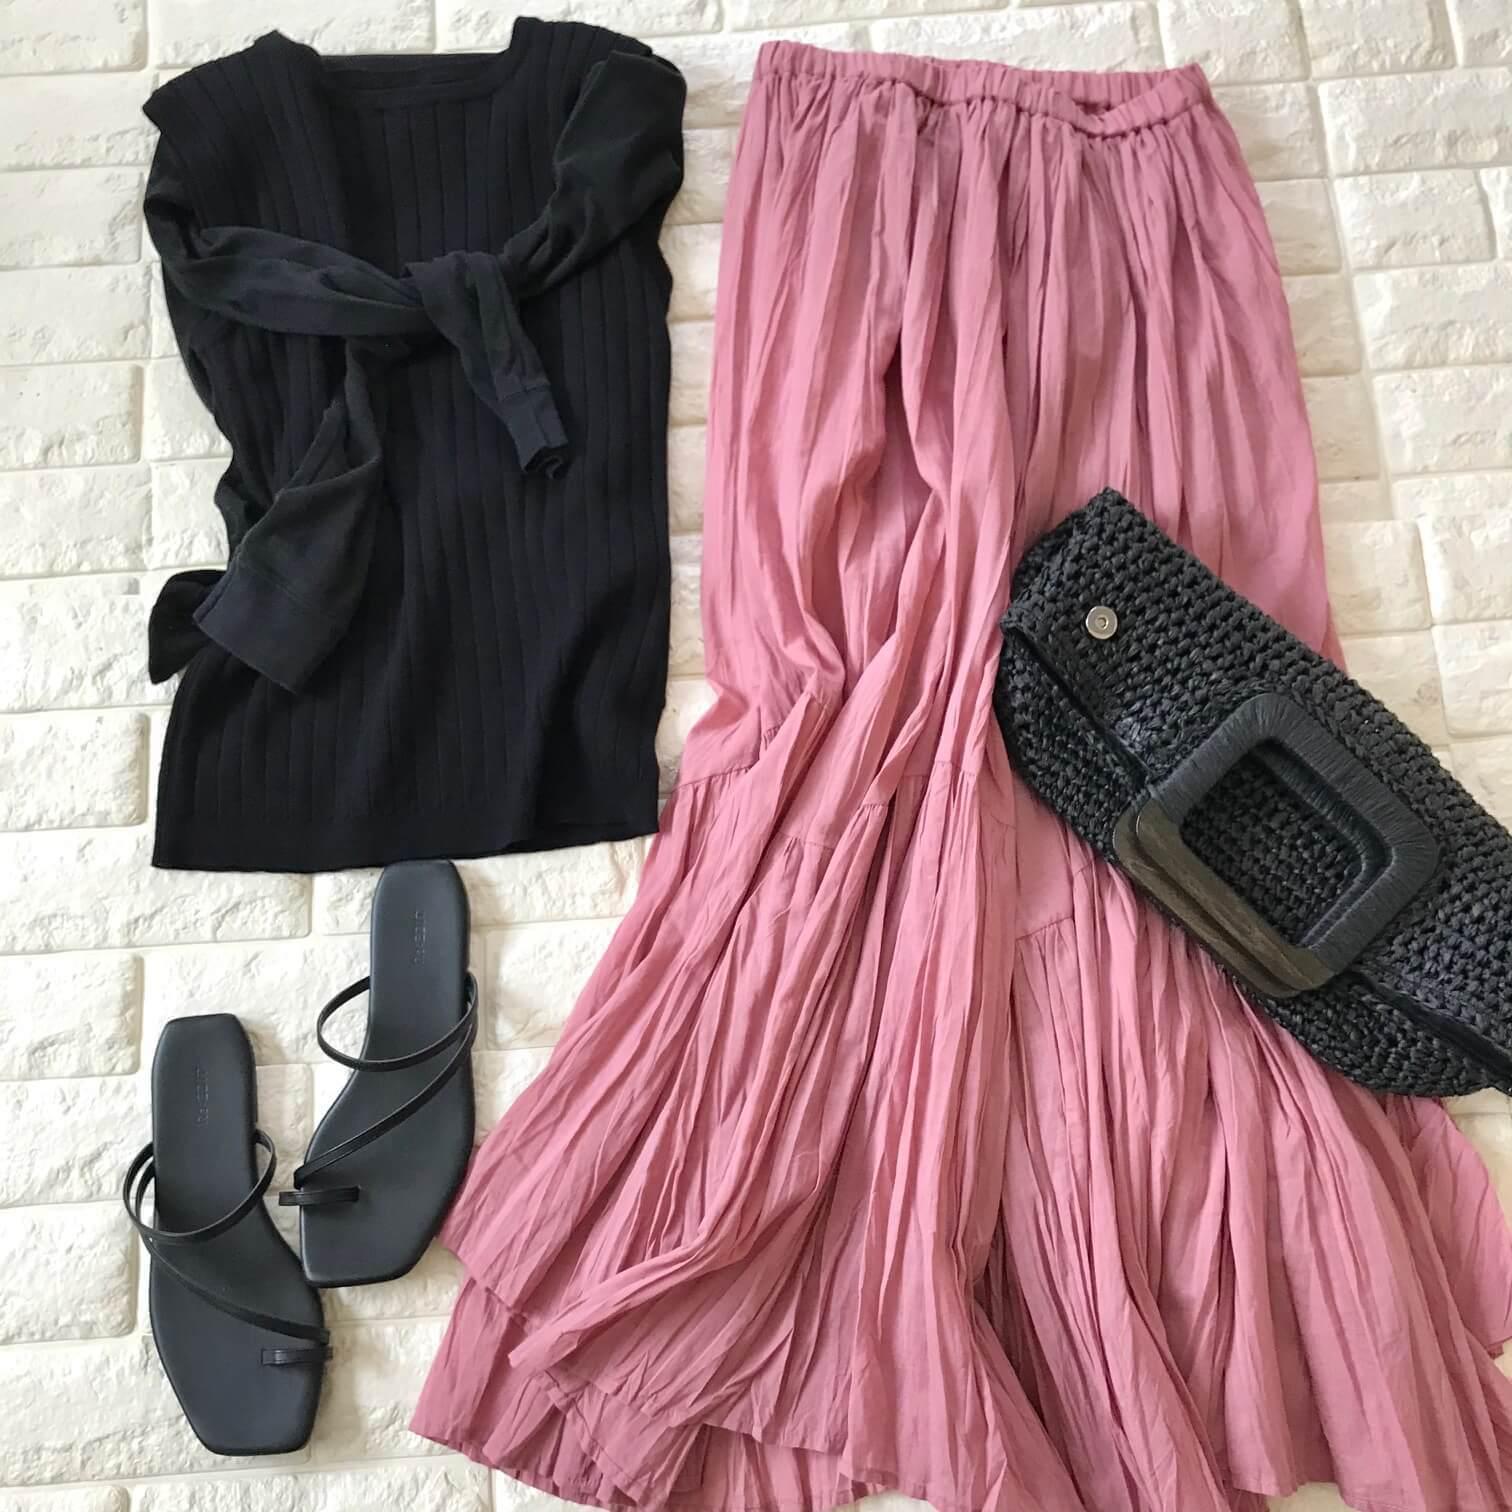 ザ・バージニアのピンクスカートと黒を合わせたコーデ